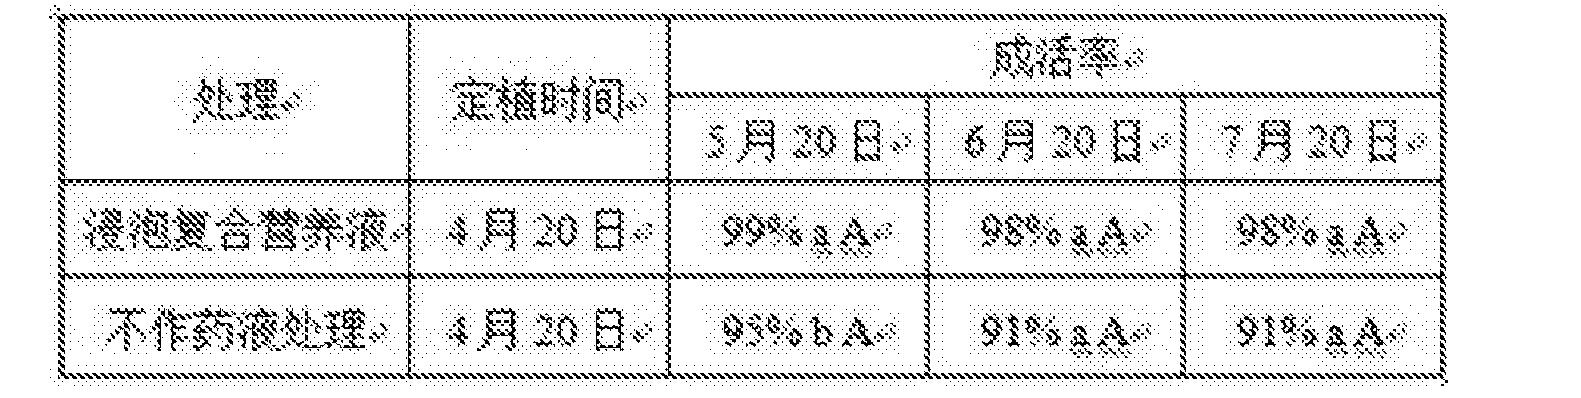 Figure CN105145261BD00092